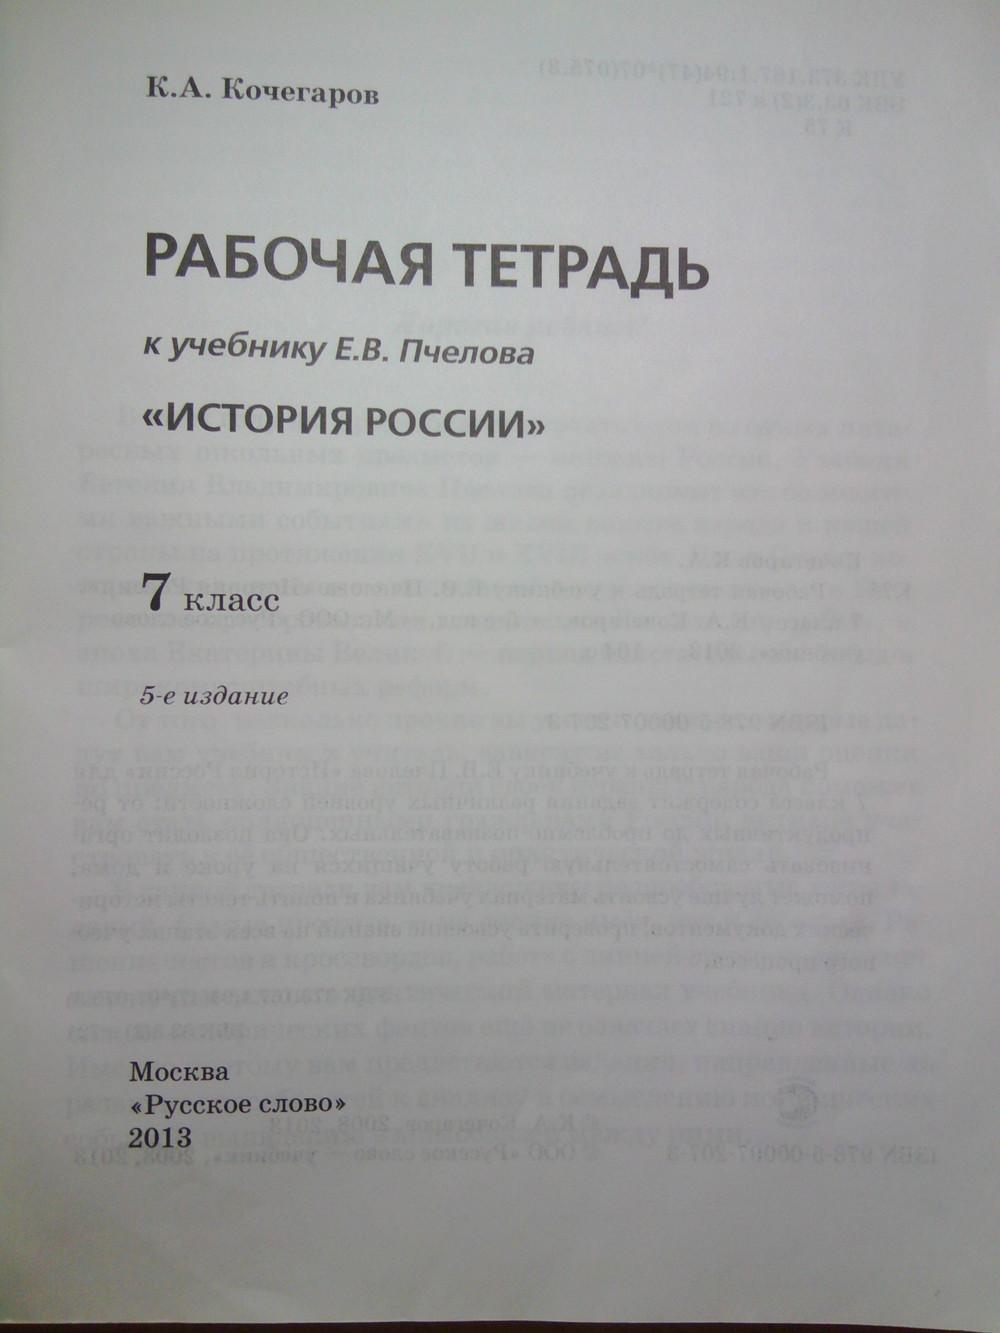 гдз по истории 6 класс кочегаров к учебнику пчелова лукина история россии